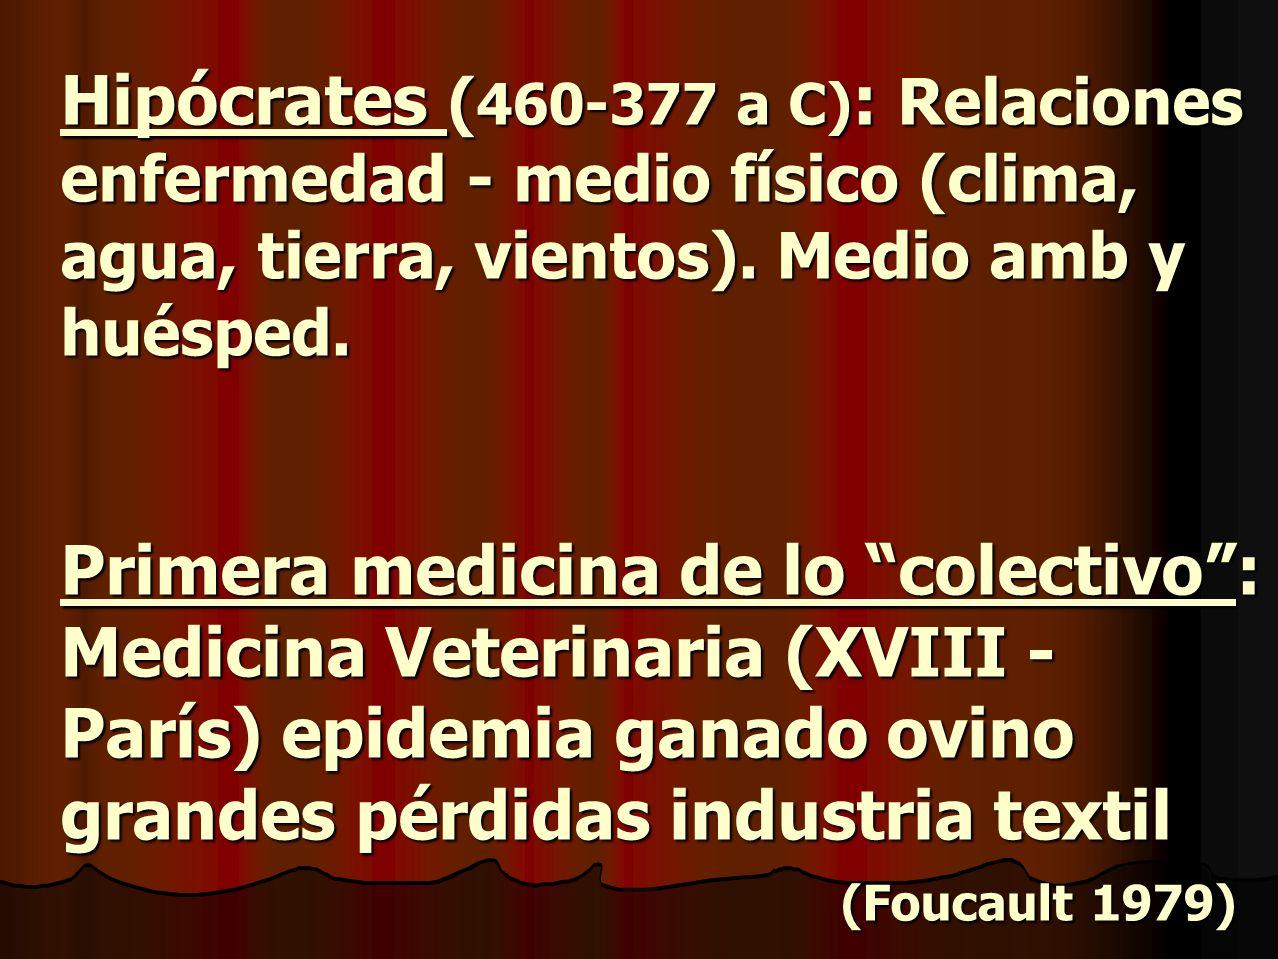 Hipócrates ( 460-377 a C) : Relaciones enfermedad - medio físico (clima, agua, tierra, vientos). Medio amb y huésped. Primera medicina de lo colectivo